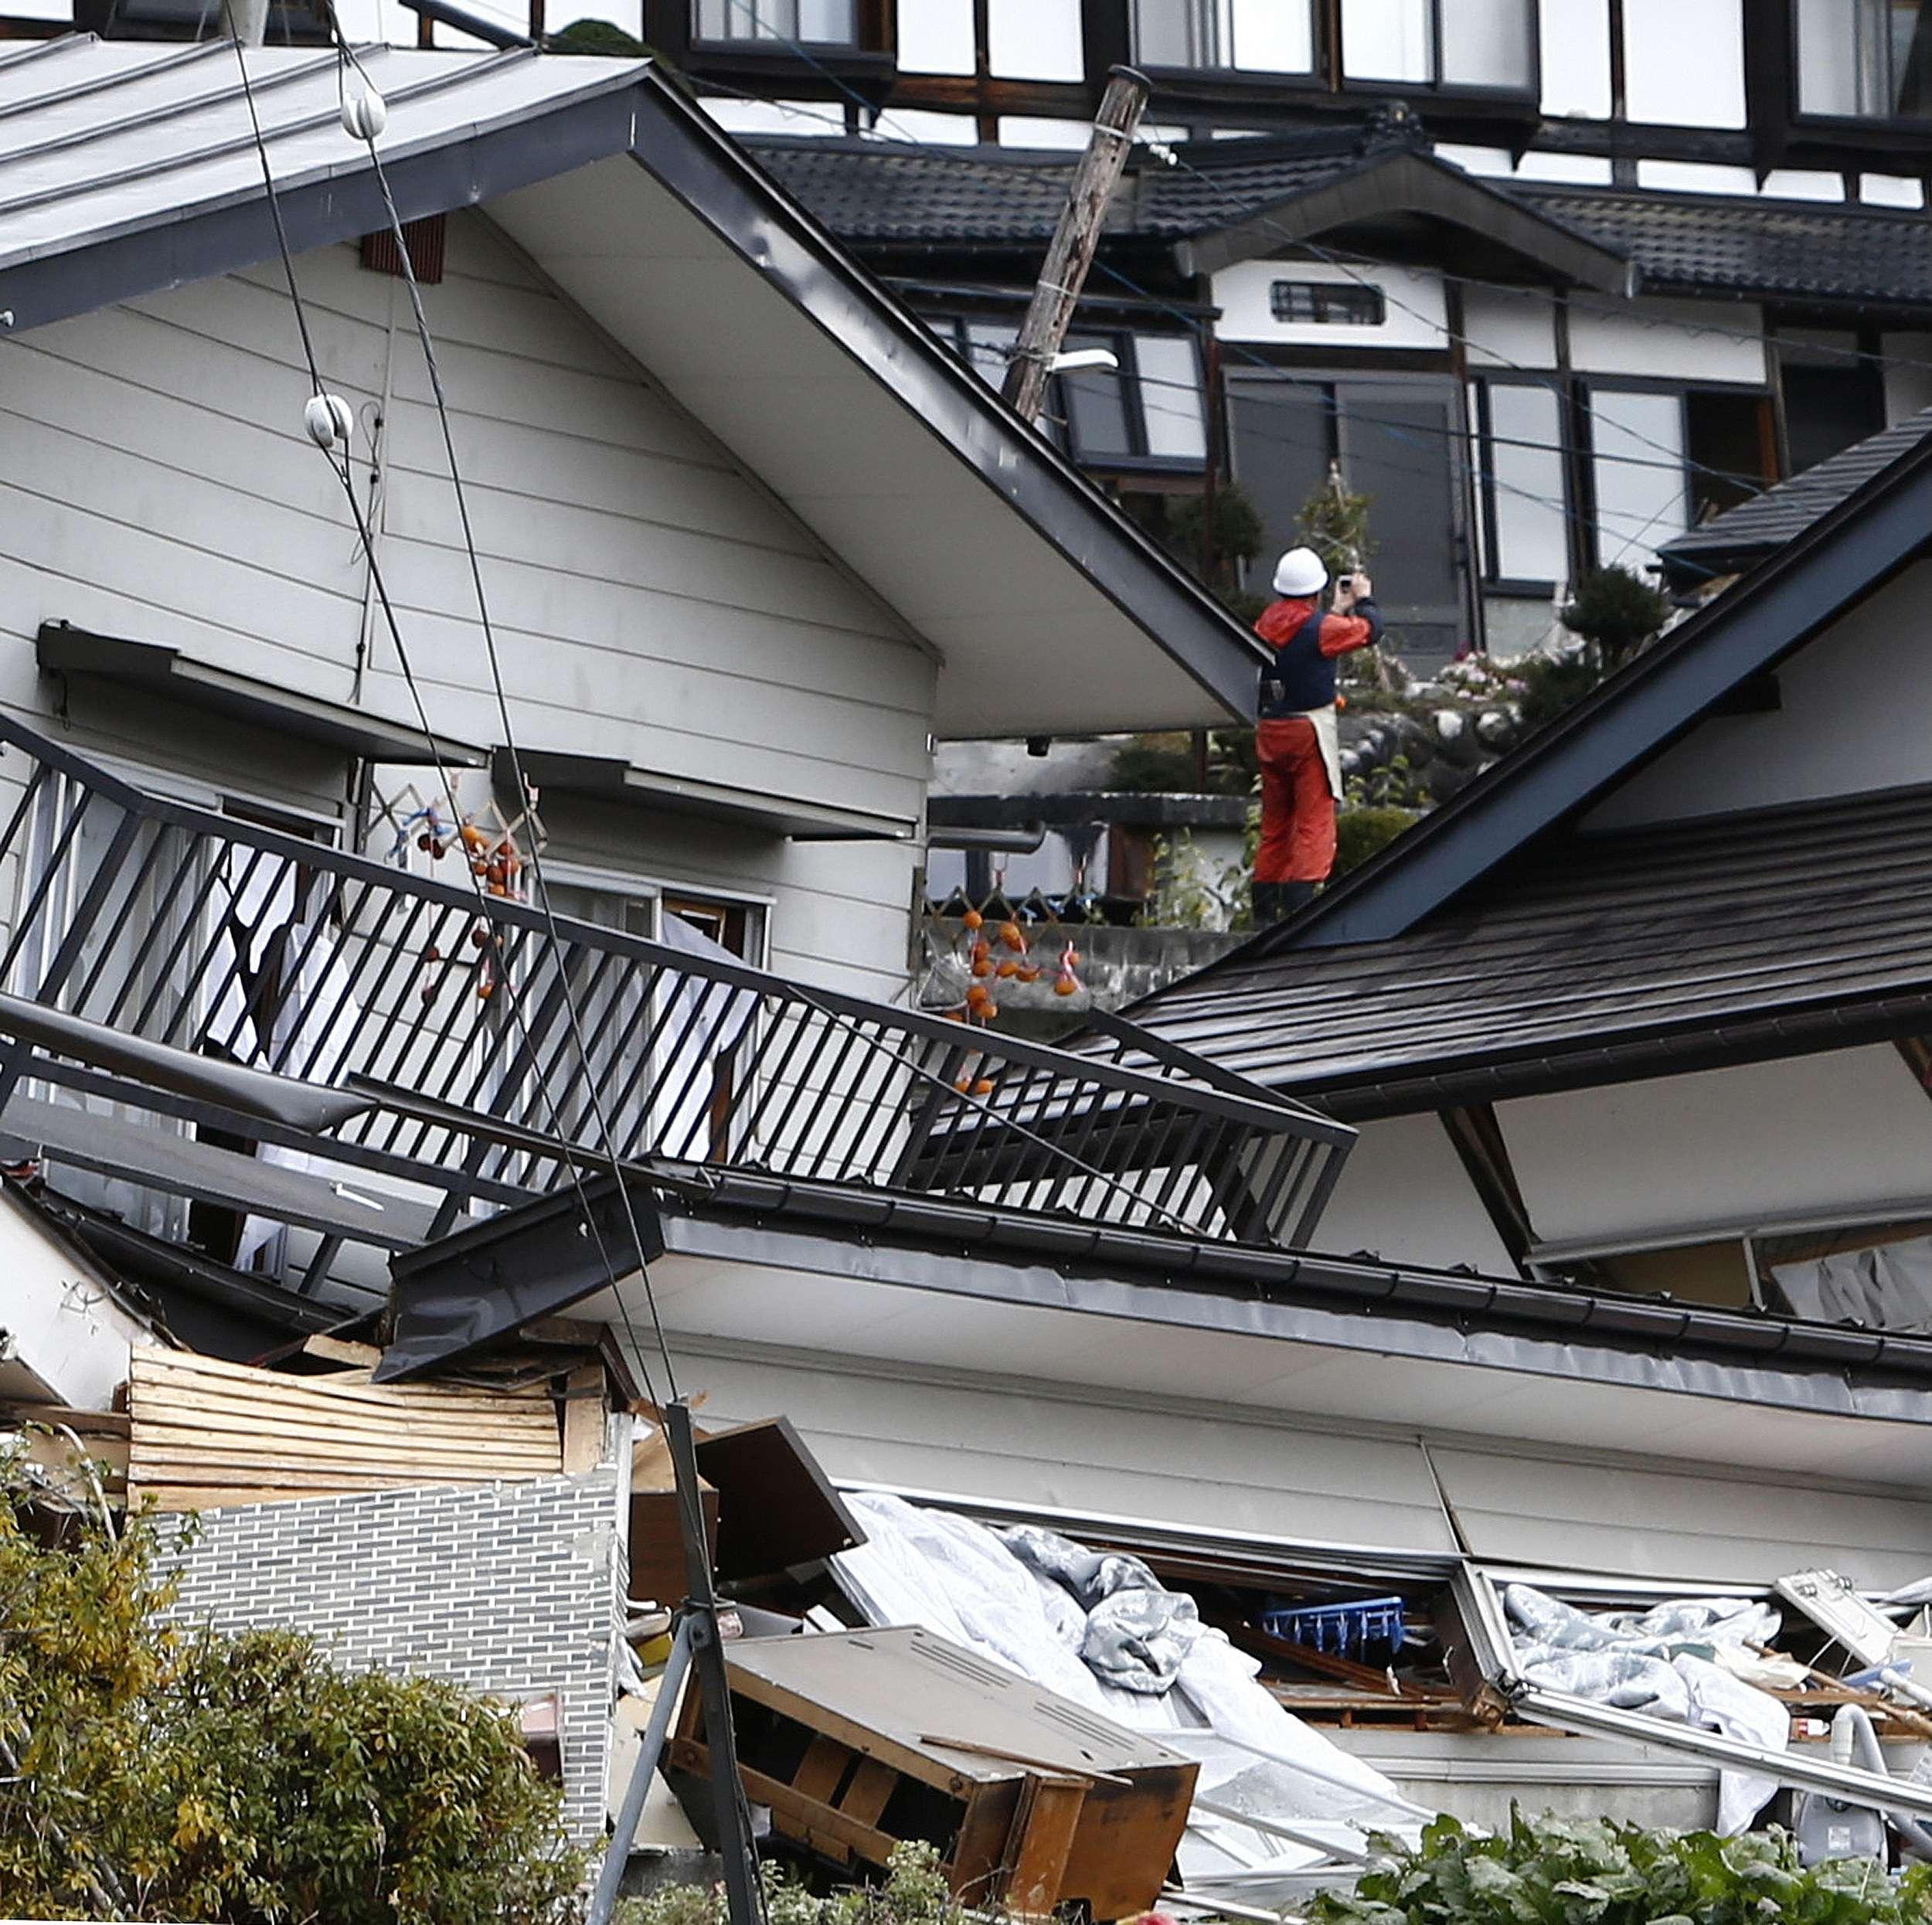 Terremoto de 6,7 graus na escala Richter atingiu a cidade de Nagano (centro do Japão) e provocou a queda de dezena de casas Foto: JIJI PRESS /AFP